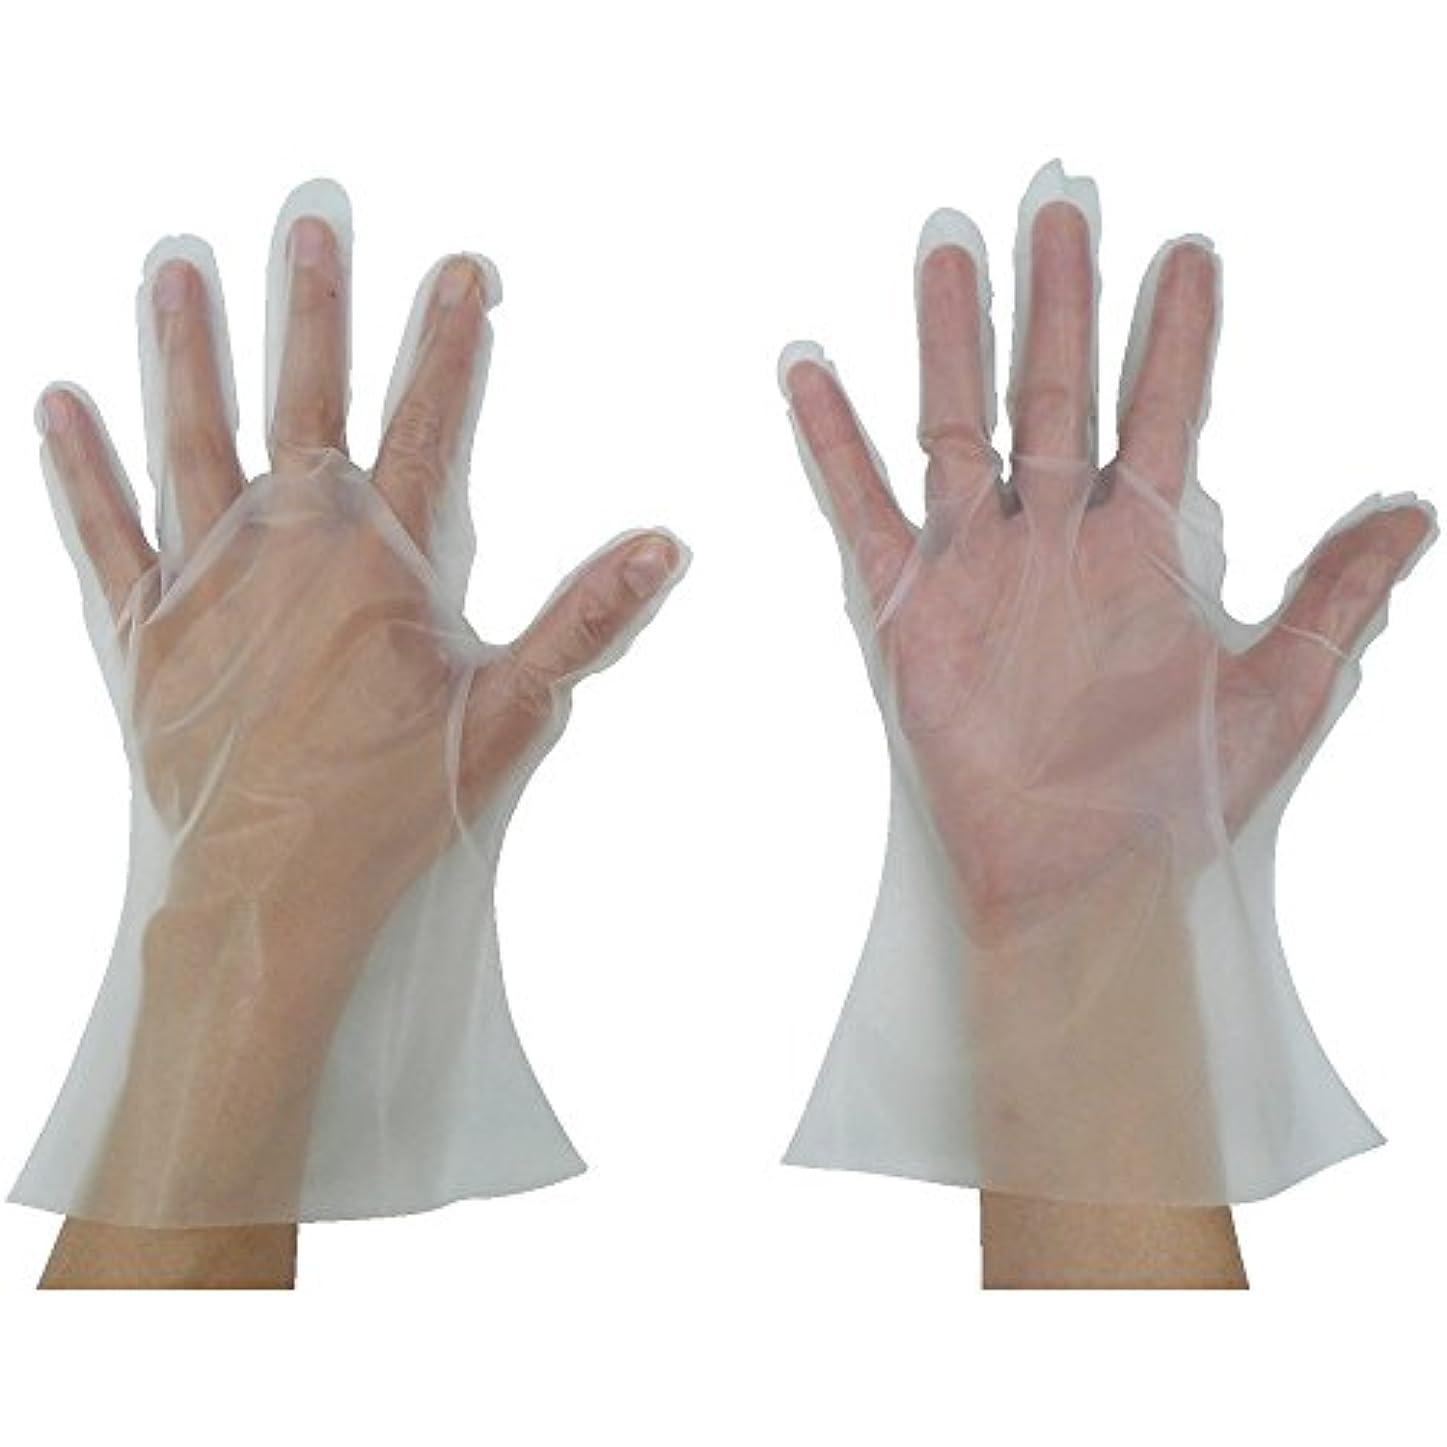 させるボウリング童謡東京パック 緊急災害対策用手袋ニューマイジャスト簡易50L 半透明 KN-L ポリエチレン使い捨て手袋